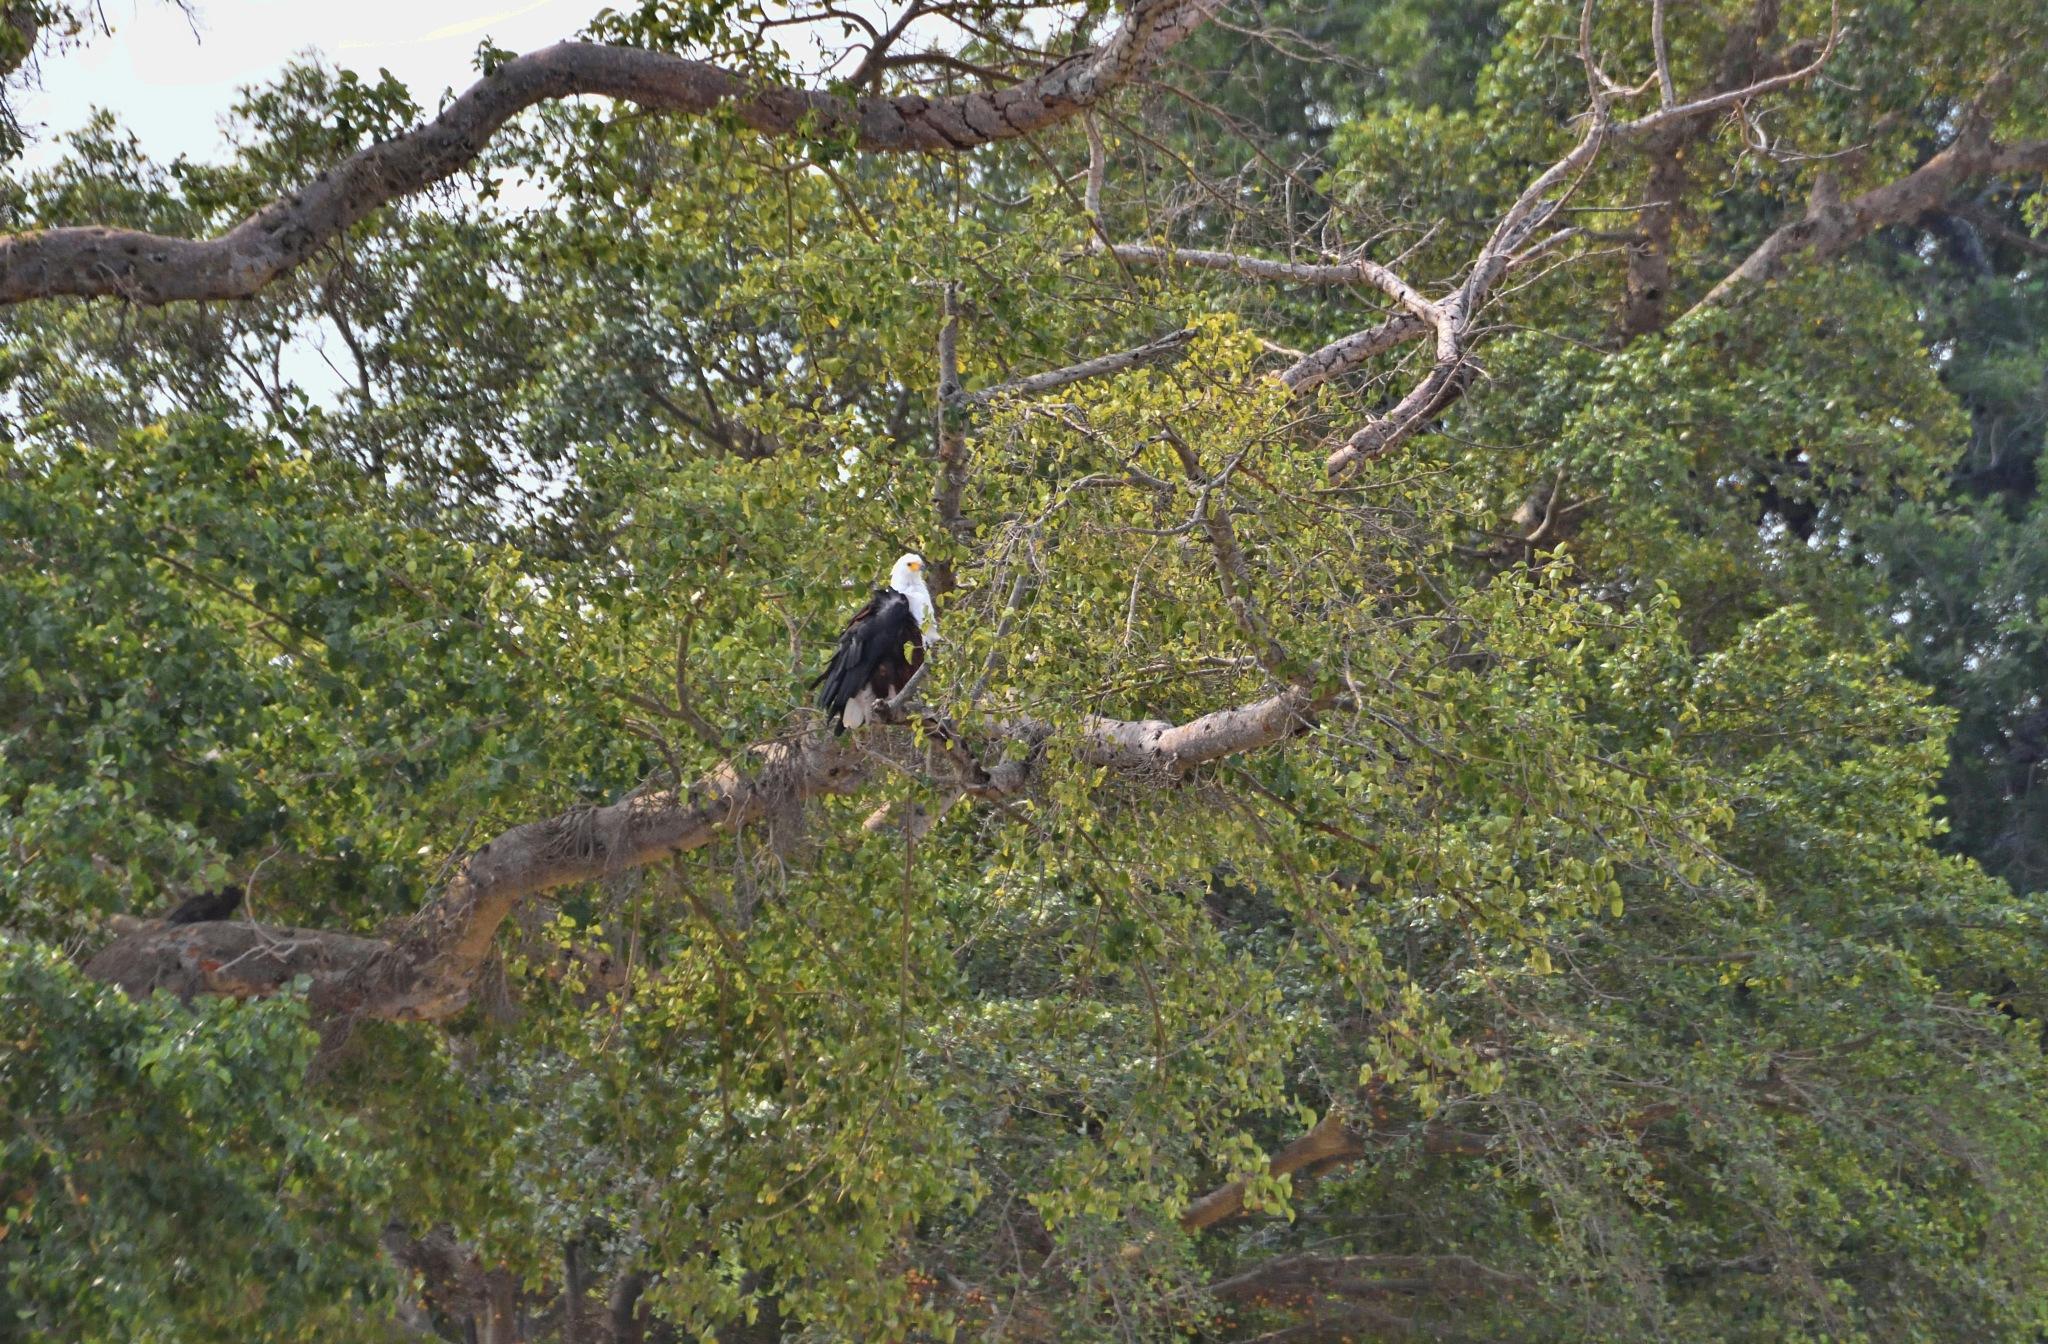 South Africa - Kruger Park (186) African Fish Eagle by Derek Clarke